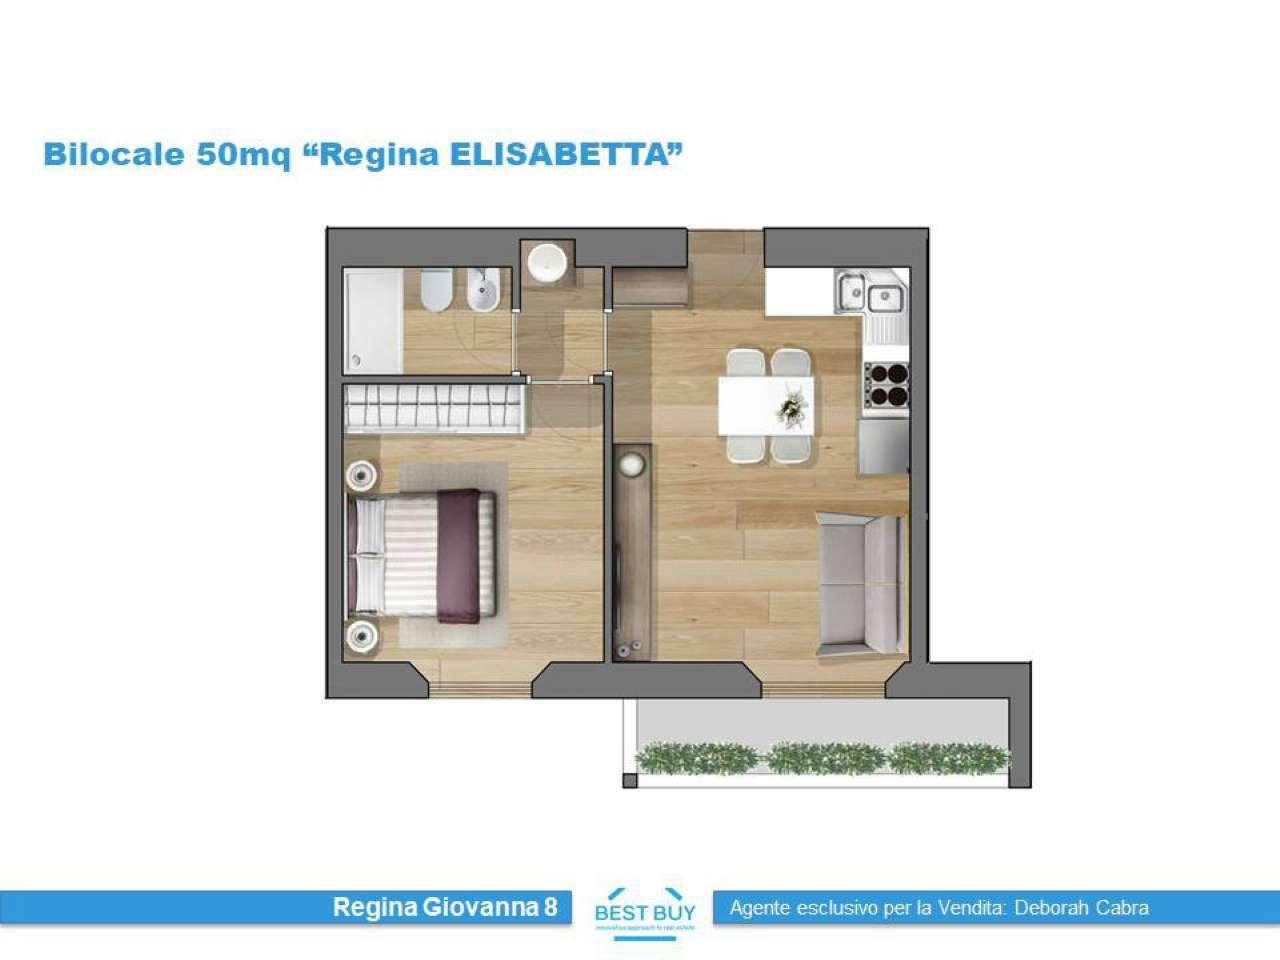 Appartamento in vendita 2 vani 45 mq.  viale Regina Giovanna 8 Milano